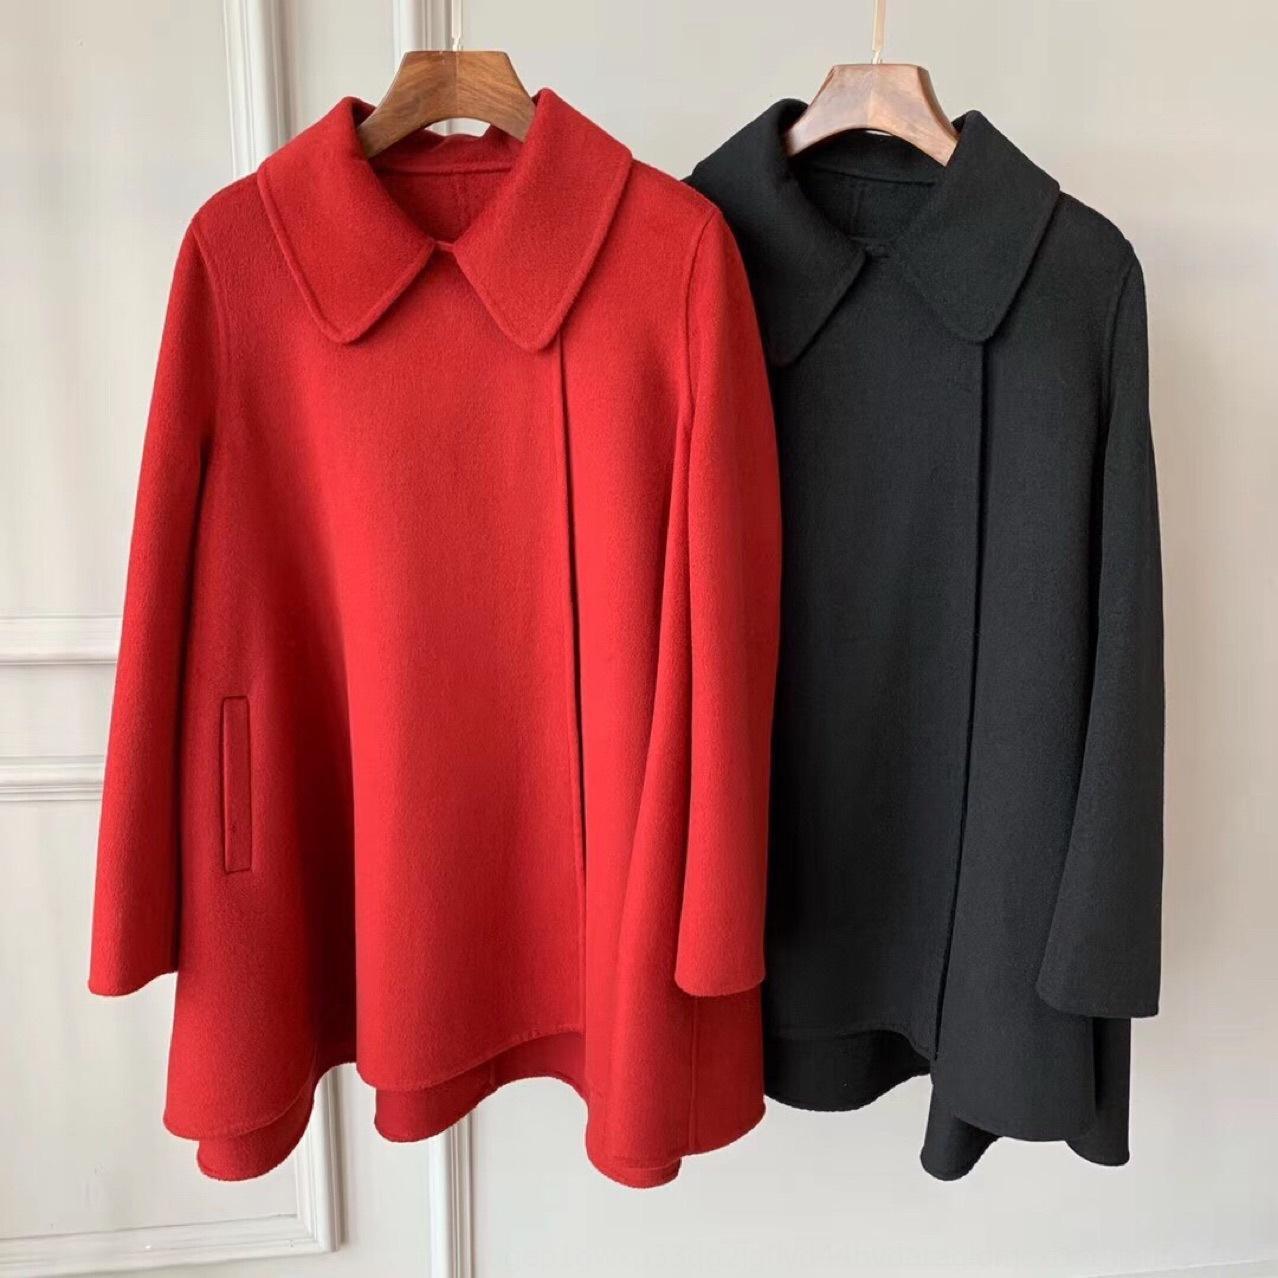 elegante mantello gonna cappotto di cachemire autunno e l'inverno di lana di lana del cappotto DY0717S Mantello britannico materiale 3 m dimagrante